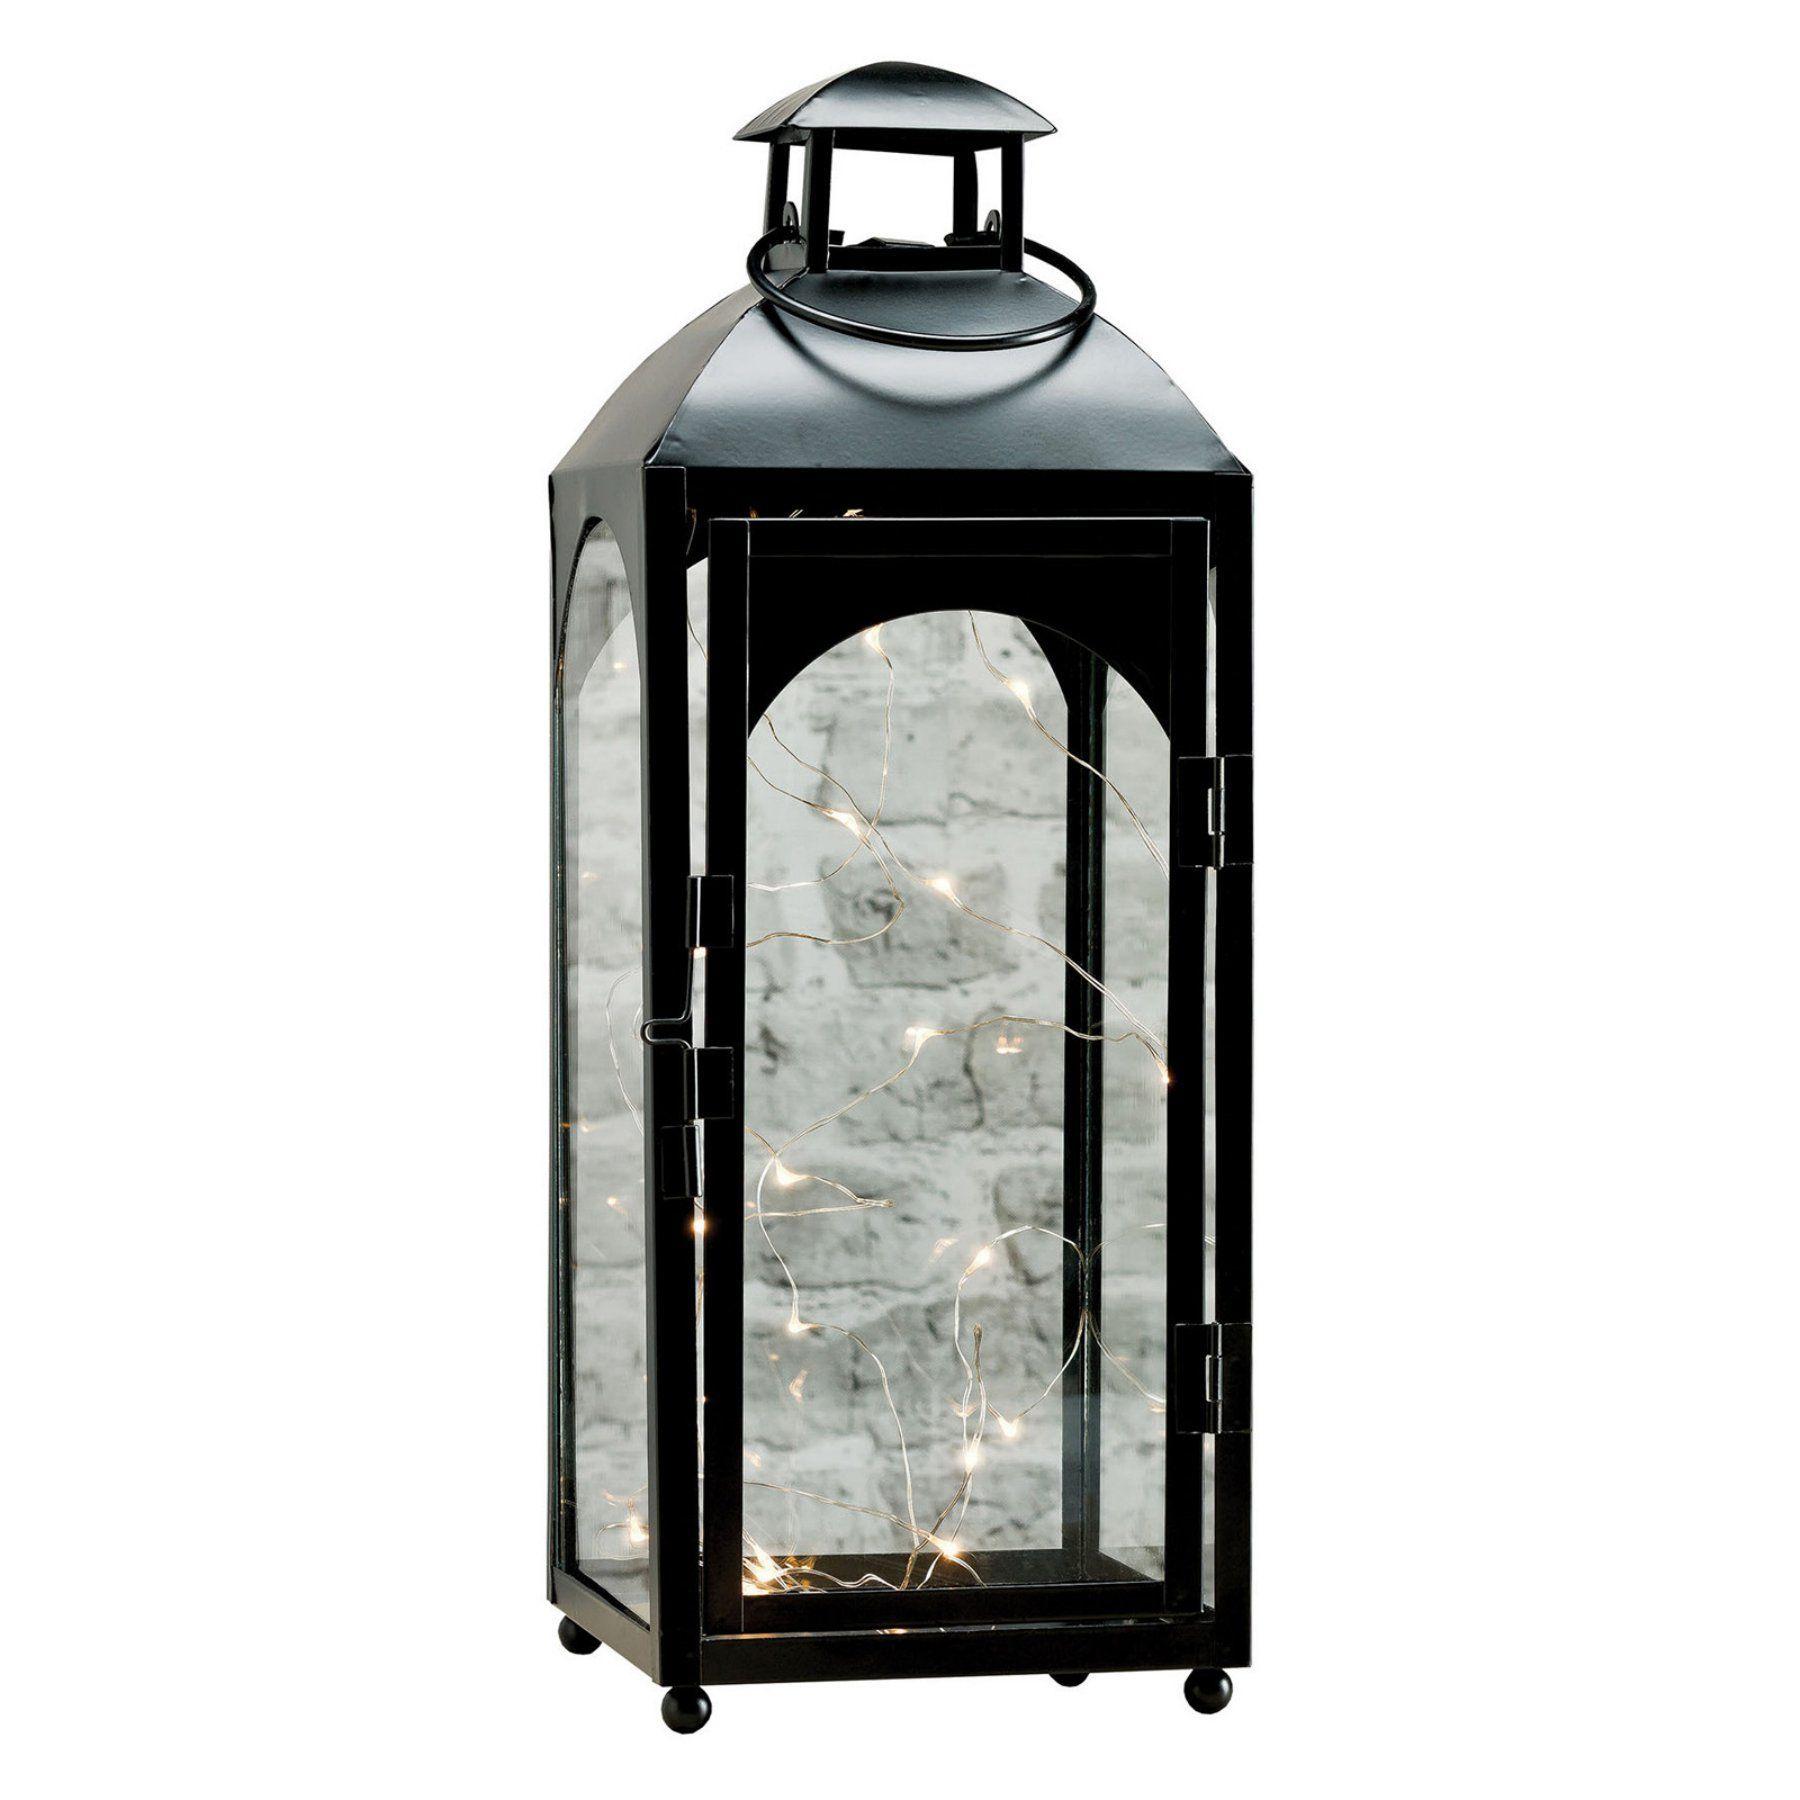 ELK Lighting Prescott Lantern - 401022